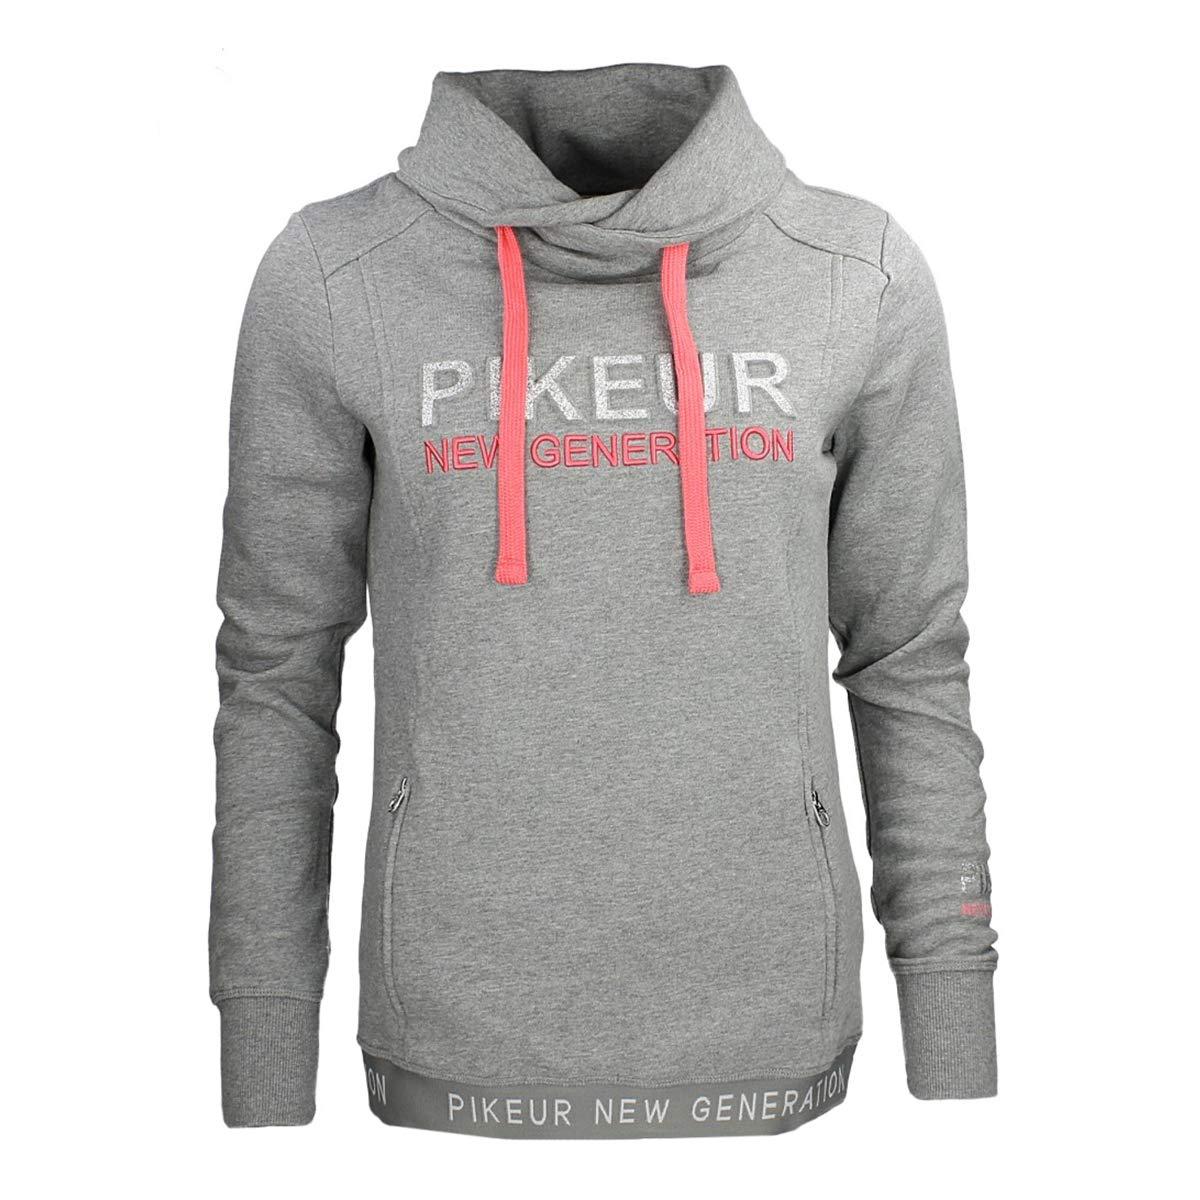 Pikeur Gracelynn Ladies Sweatshirt